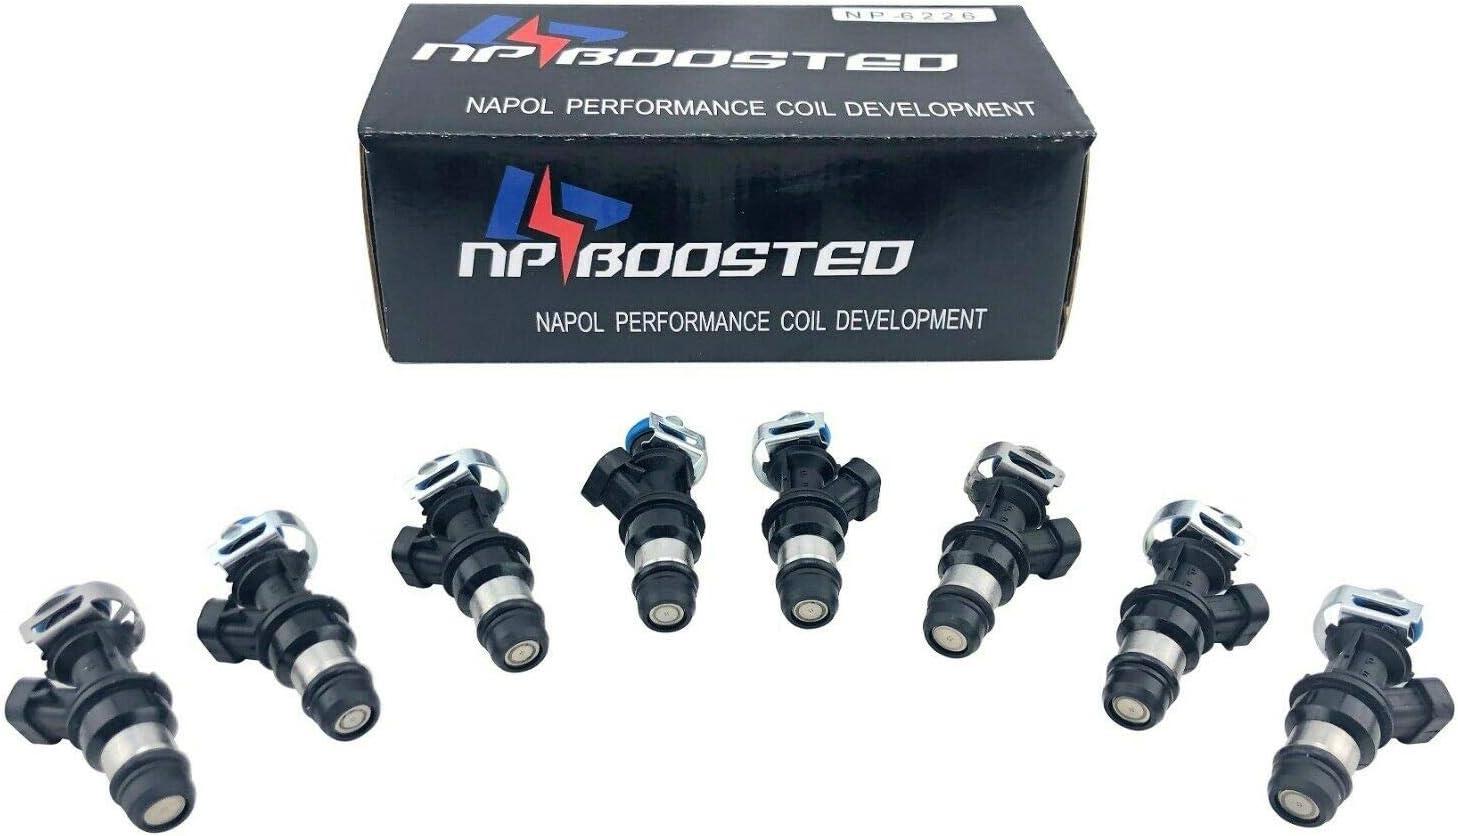 Fuel Injector 48-3230J 6646906 48-3100 For Isuzu Engine 4JB1 Mustang Bobcat Loader 2060 1213 960 843 853 Weelparz 8944078793 6646906 4